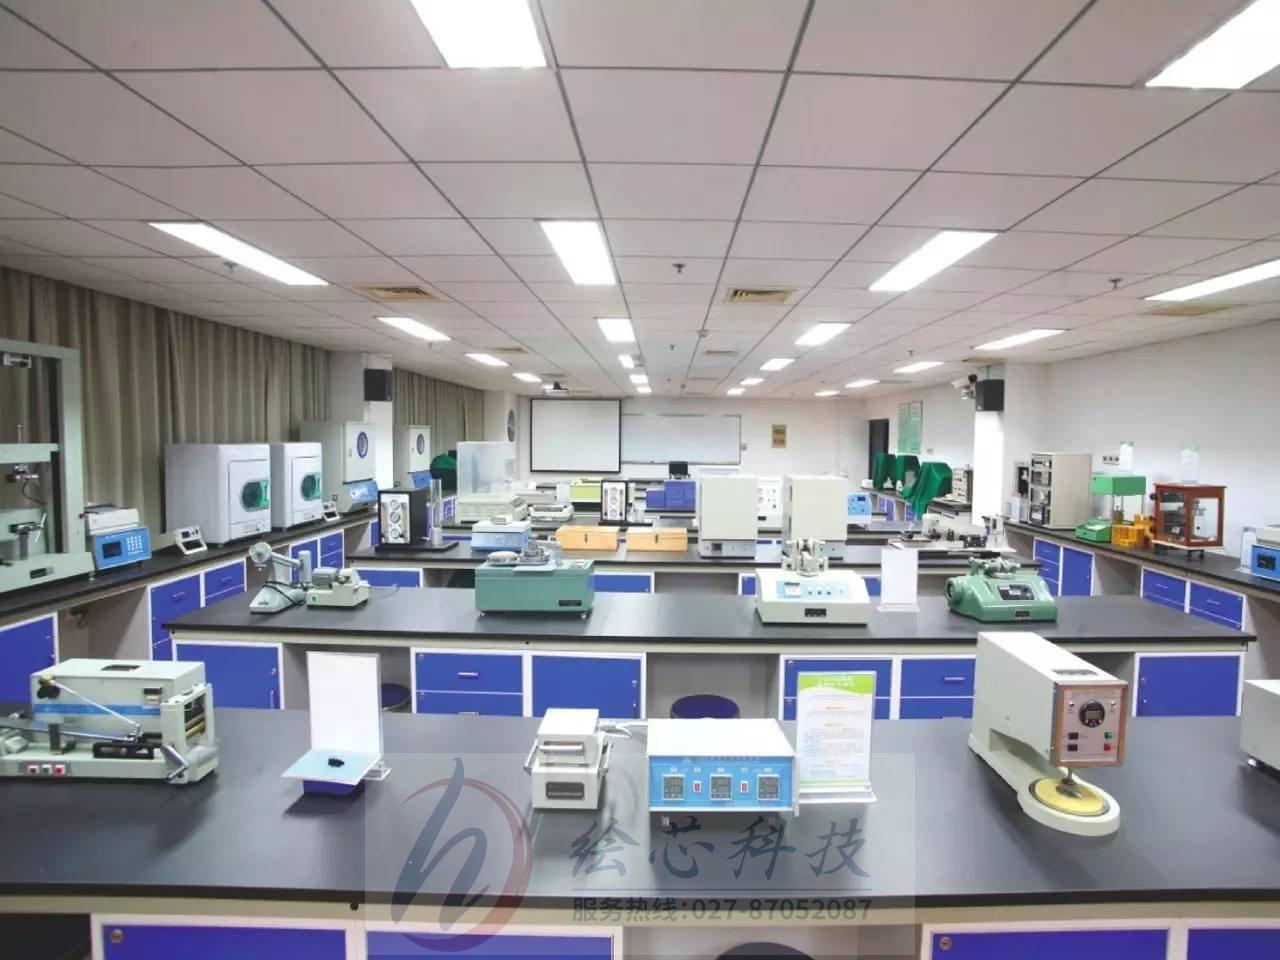 建筑虚拟仿真软件_虚拟仿真实验室_常州大学 虚拟仿真实验中心